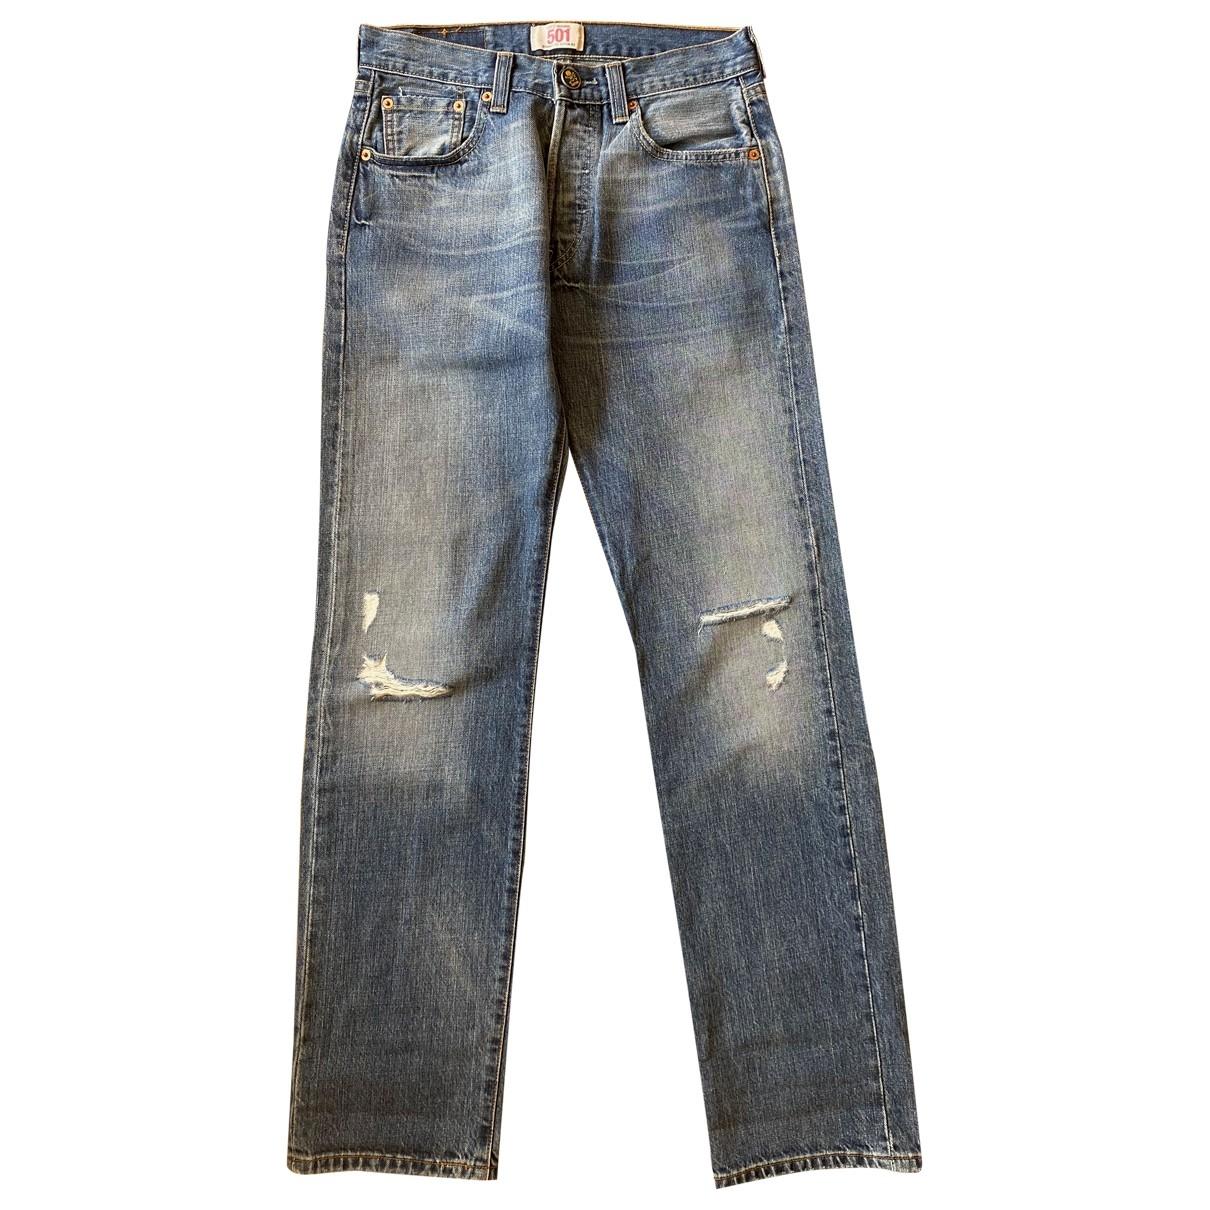 Levi's 501 Blue Cotton Jeans for Women 29 US